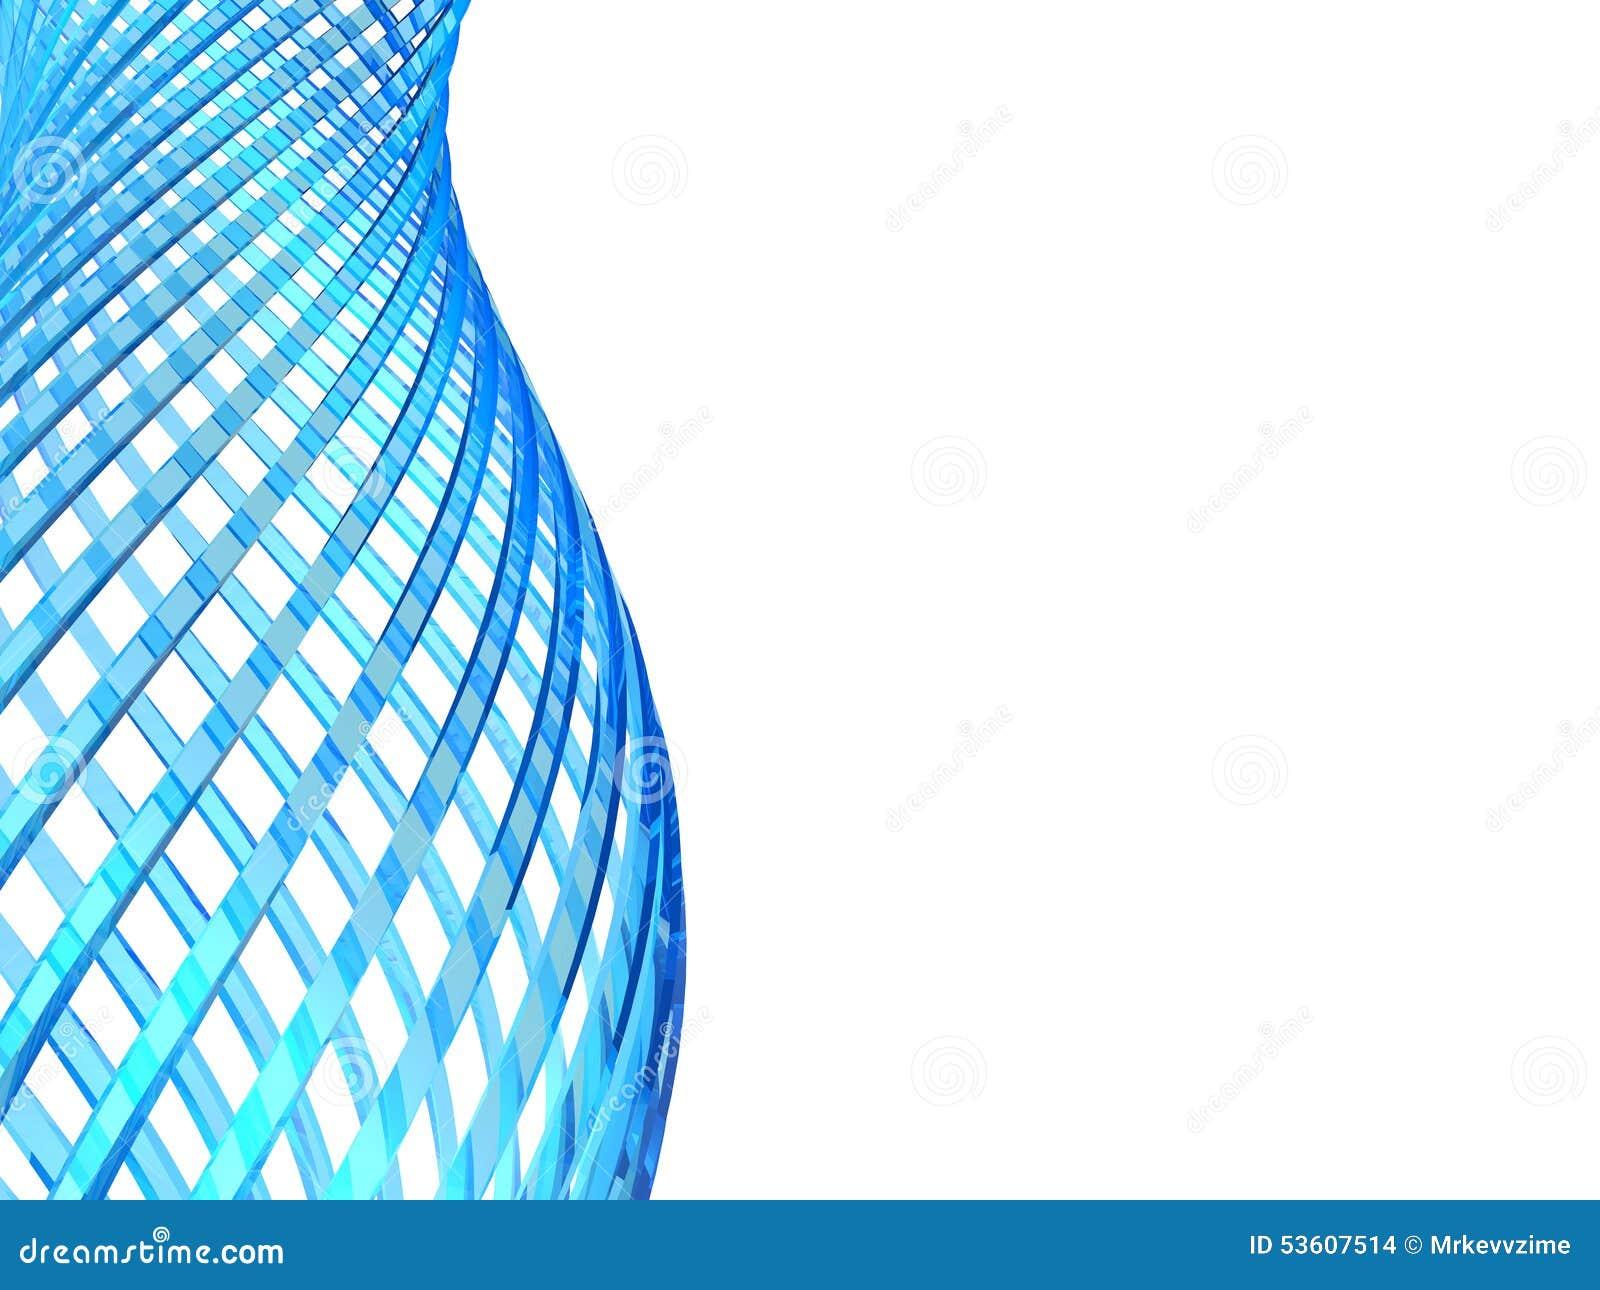 Boucles en verre bleues abstraites